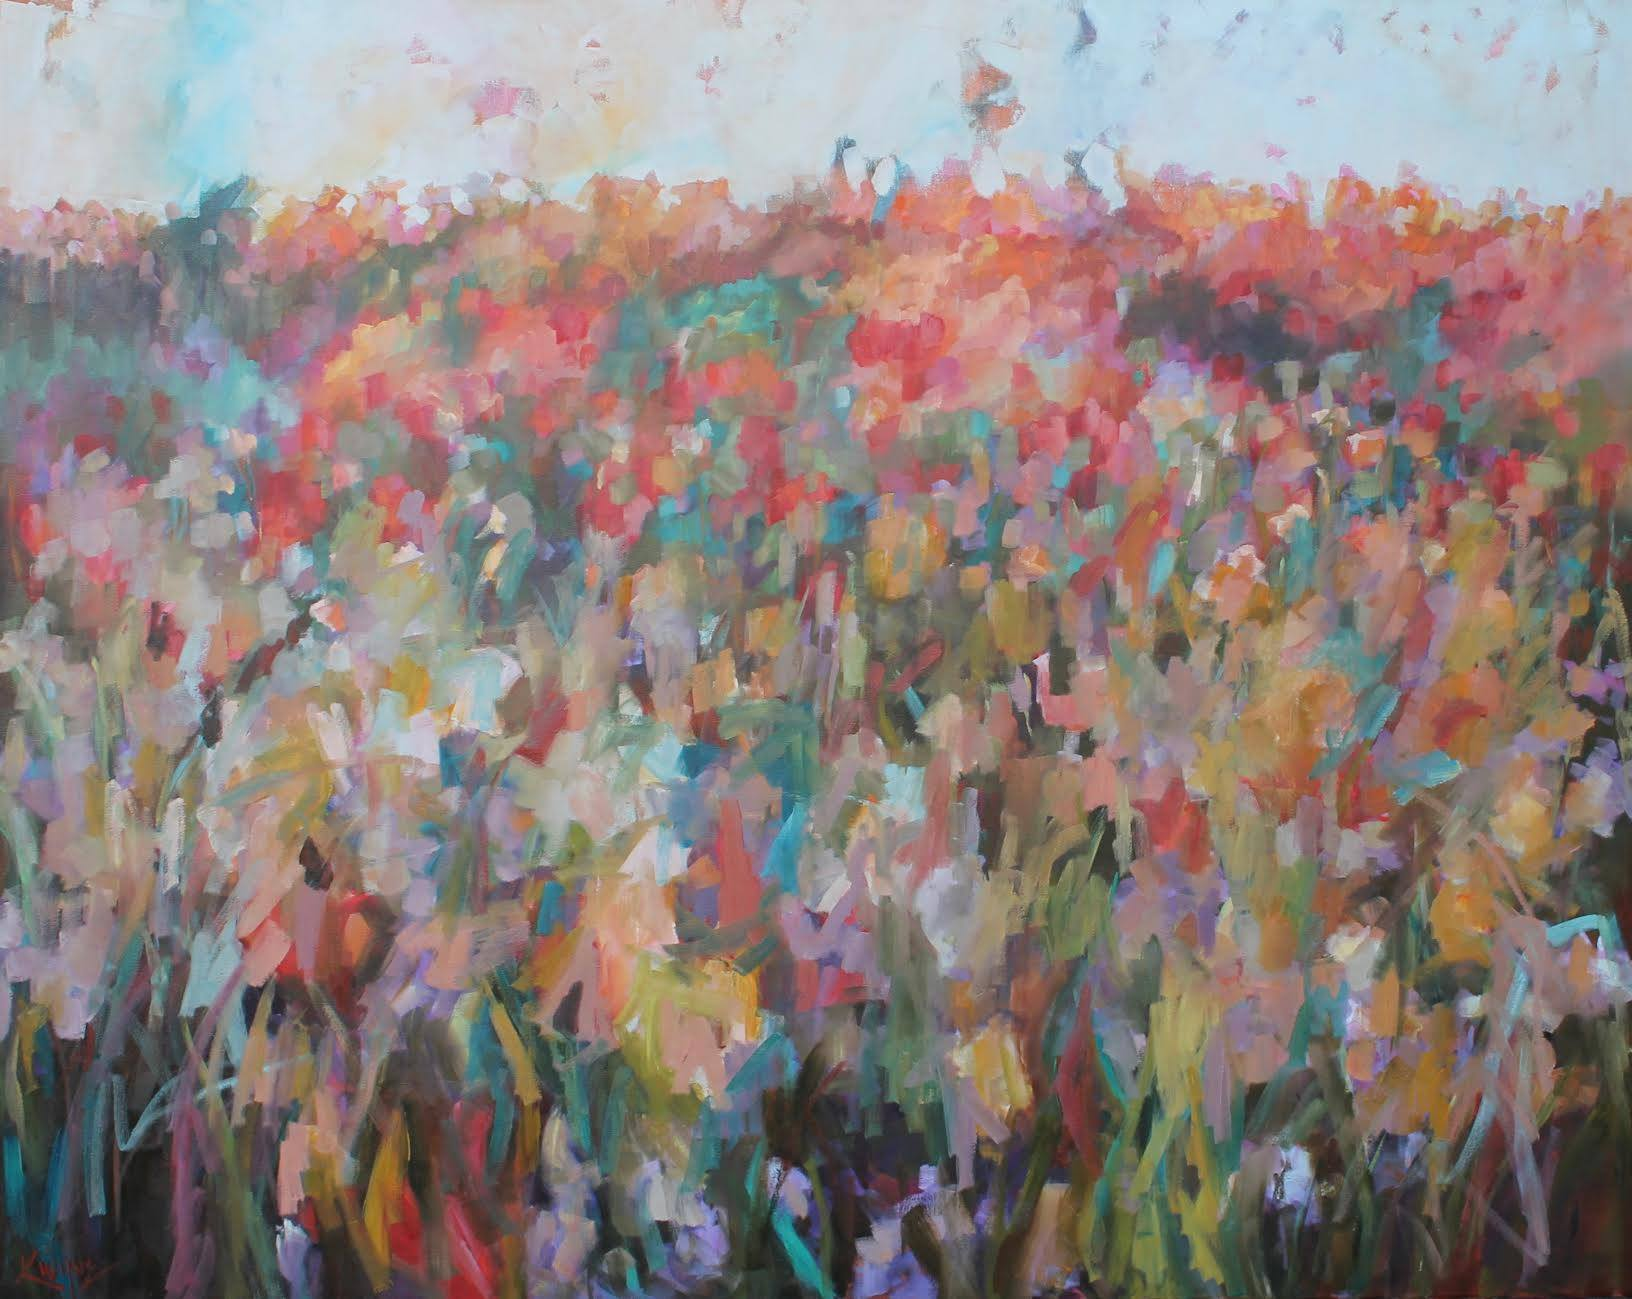 Crowd Pleaser by Kay Wyne